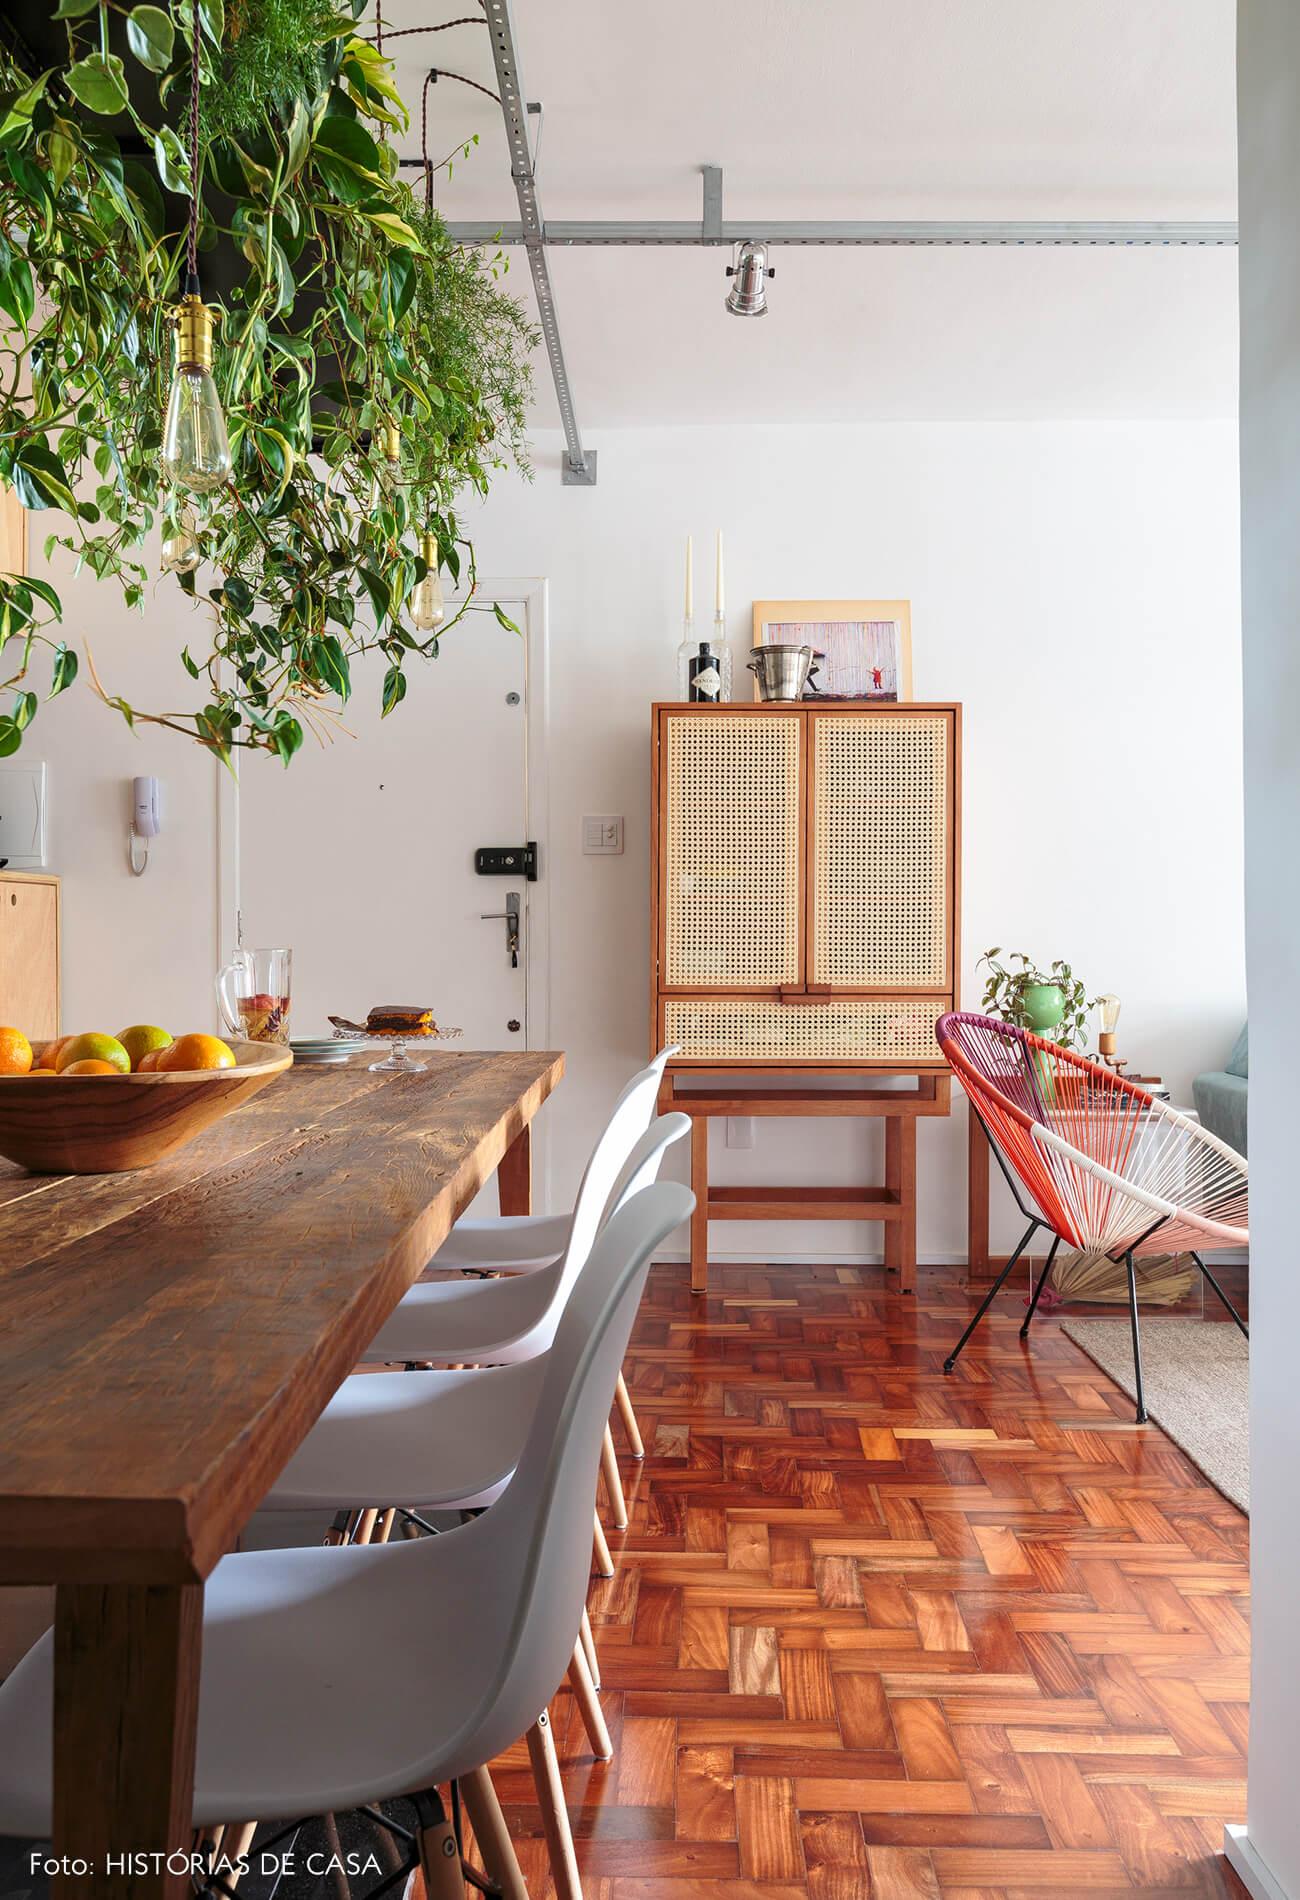 mesa-madeira-escura-piso-taco-madeira-armario-palhinha-plantas-suspensas-cadeira-eames-branca-cadeira-acapulso-rosa-roxa-branca